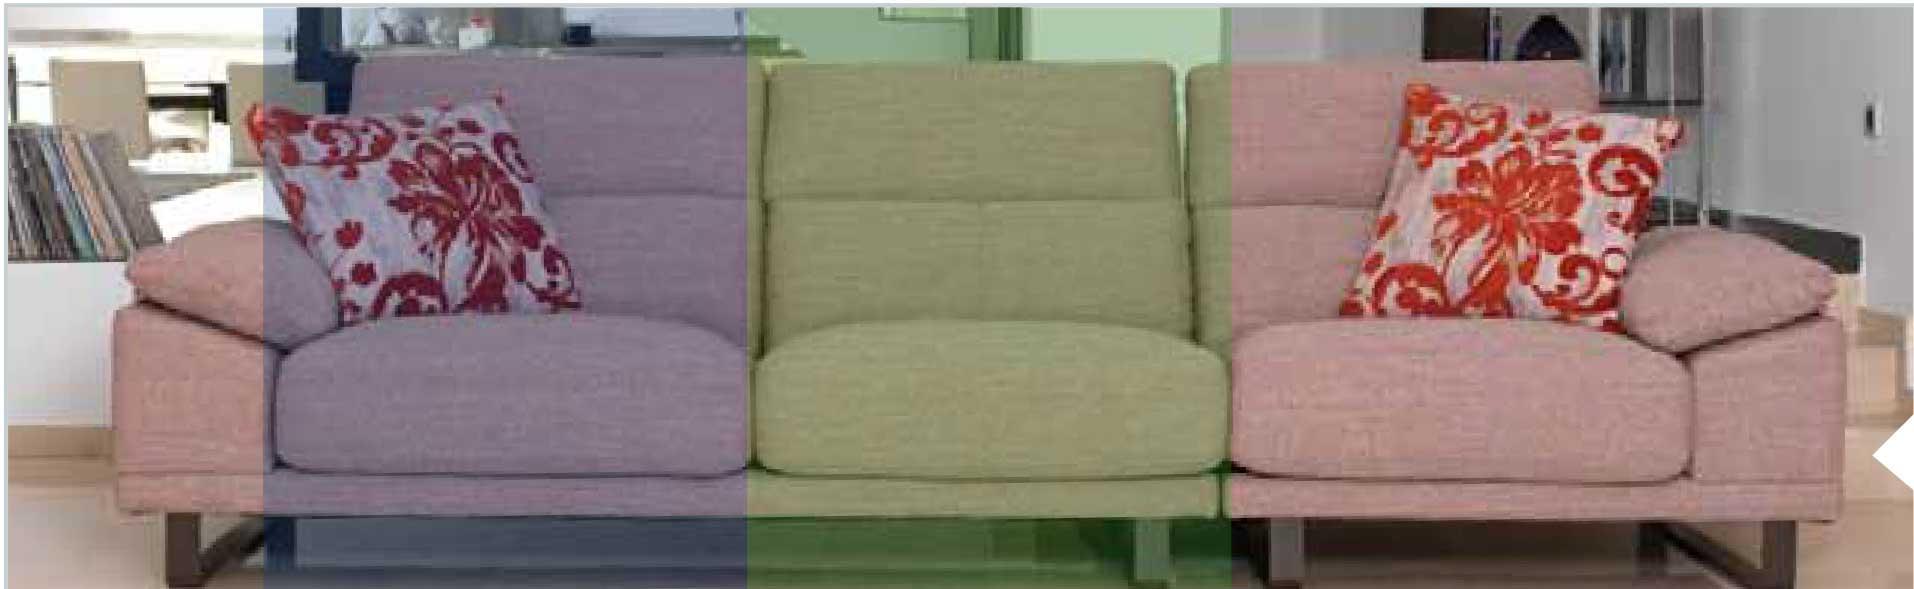 cómo limpiar el tejido del sofá, tapizados de sofá